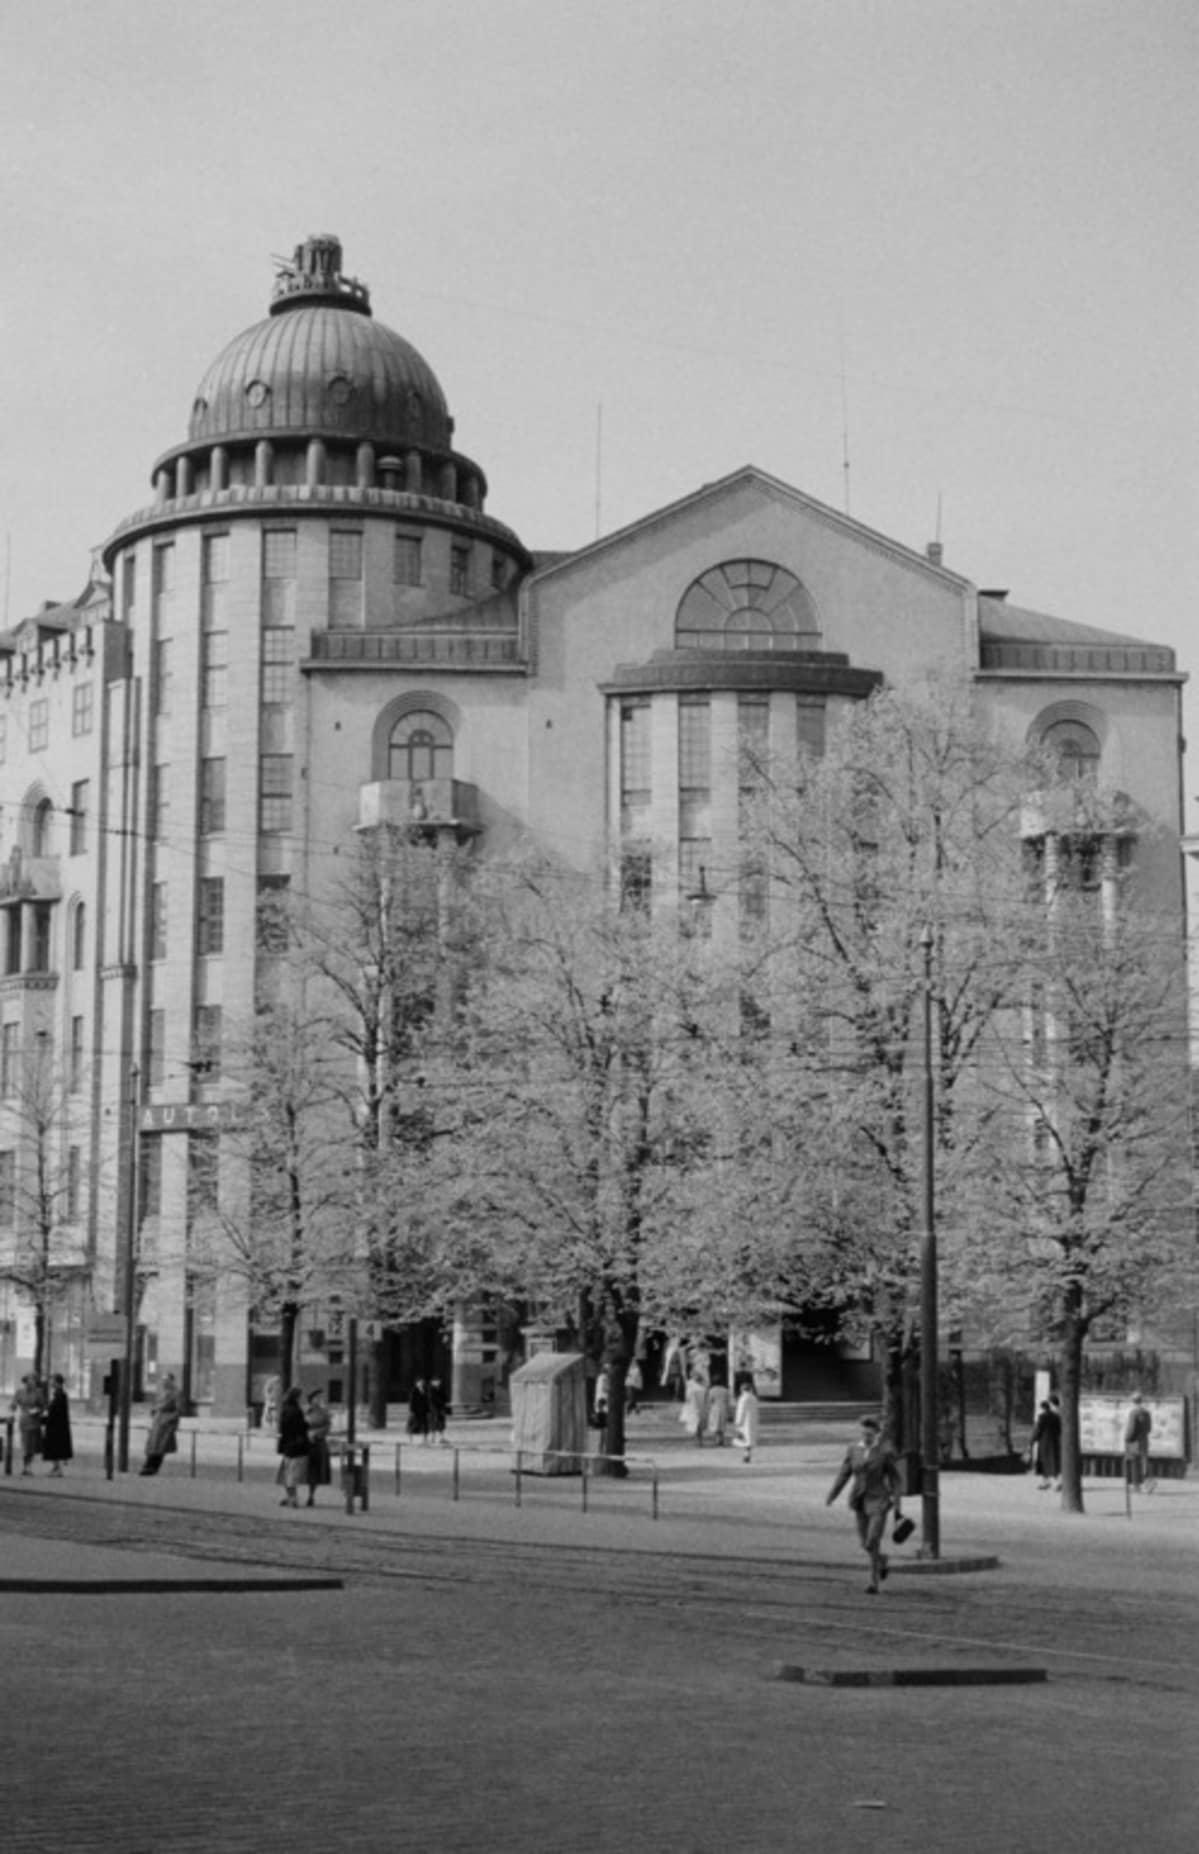 Uusi ylioppilastalo on arkkitehti Armas Lindgrenin ja Wivi Lönnin vuonna 1909 suunnittelema rakennus, jota korotettiin vuonna 1924 Lindgrenin ja toisen arkkitehdin, Bertel Liljeqvistin, suunnitelmien mukaan. Siinä on toiminut hotelli vuosina 1924-1968.